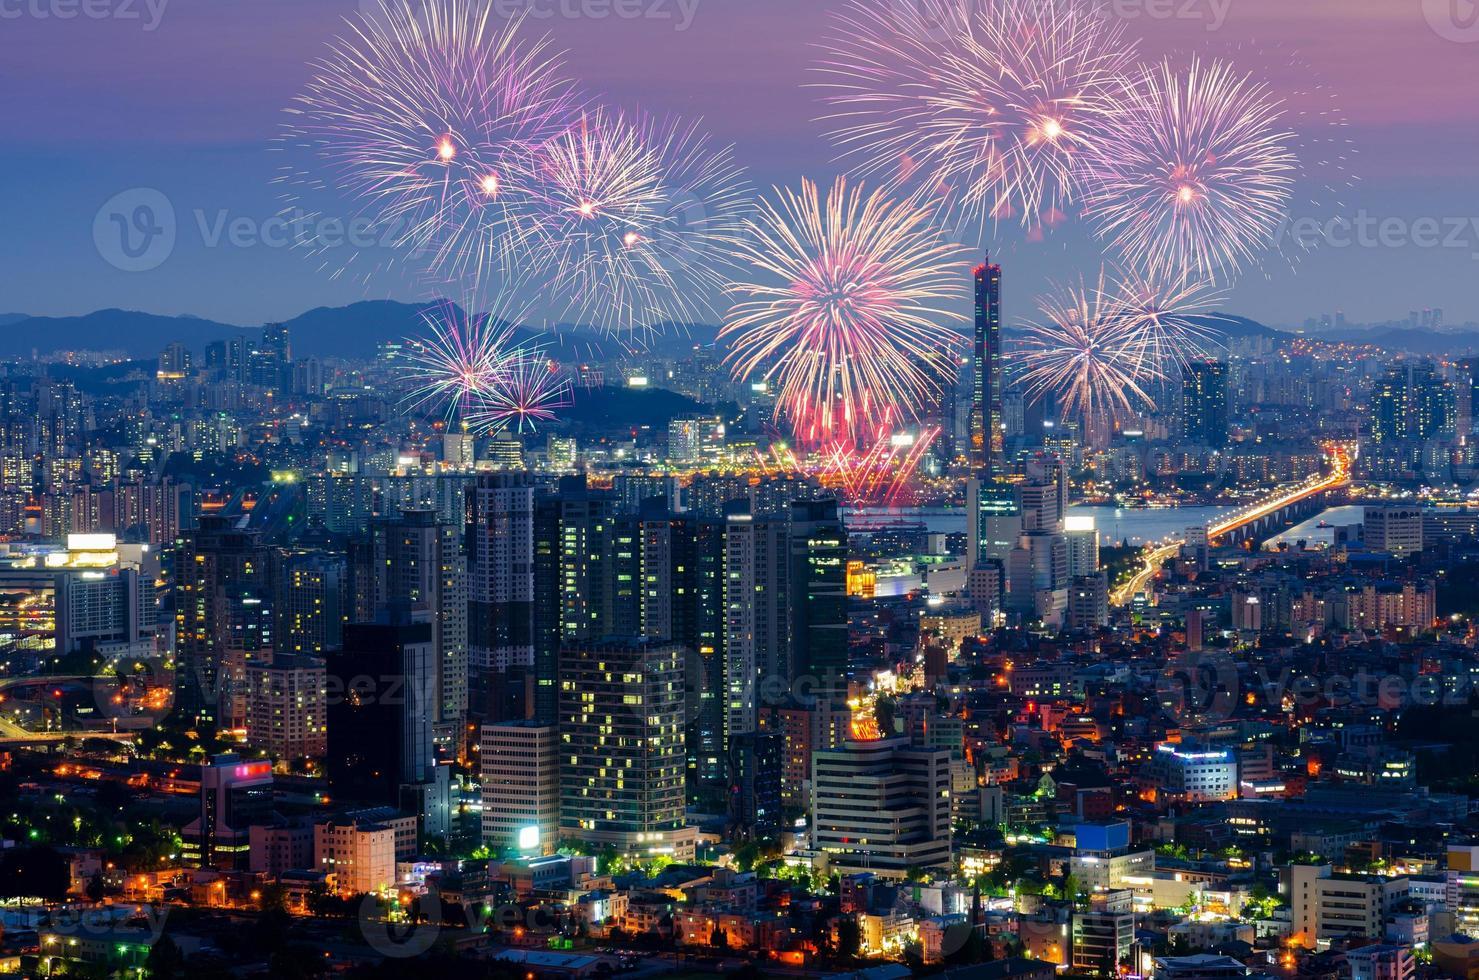 Fuegos artificiales de colores en Seúl, Corea del Sur. foto